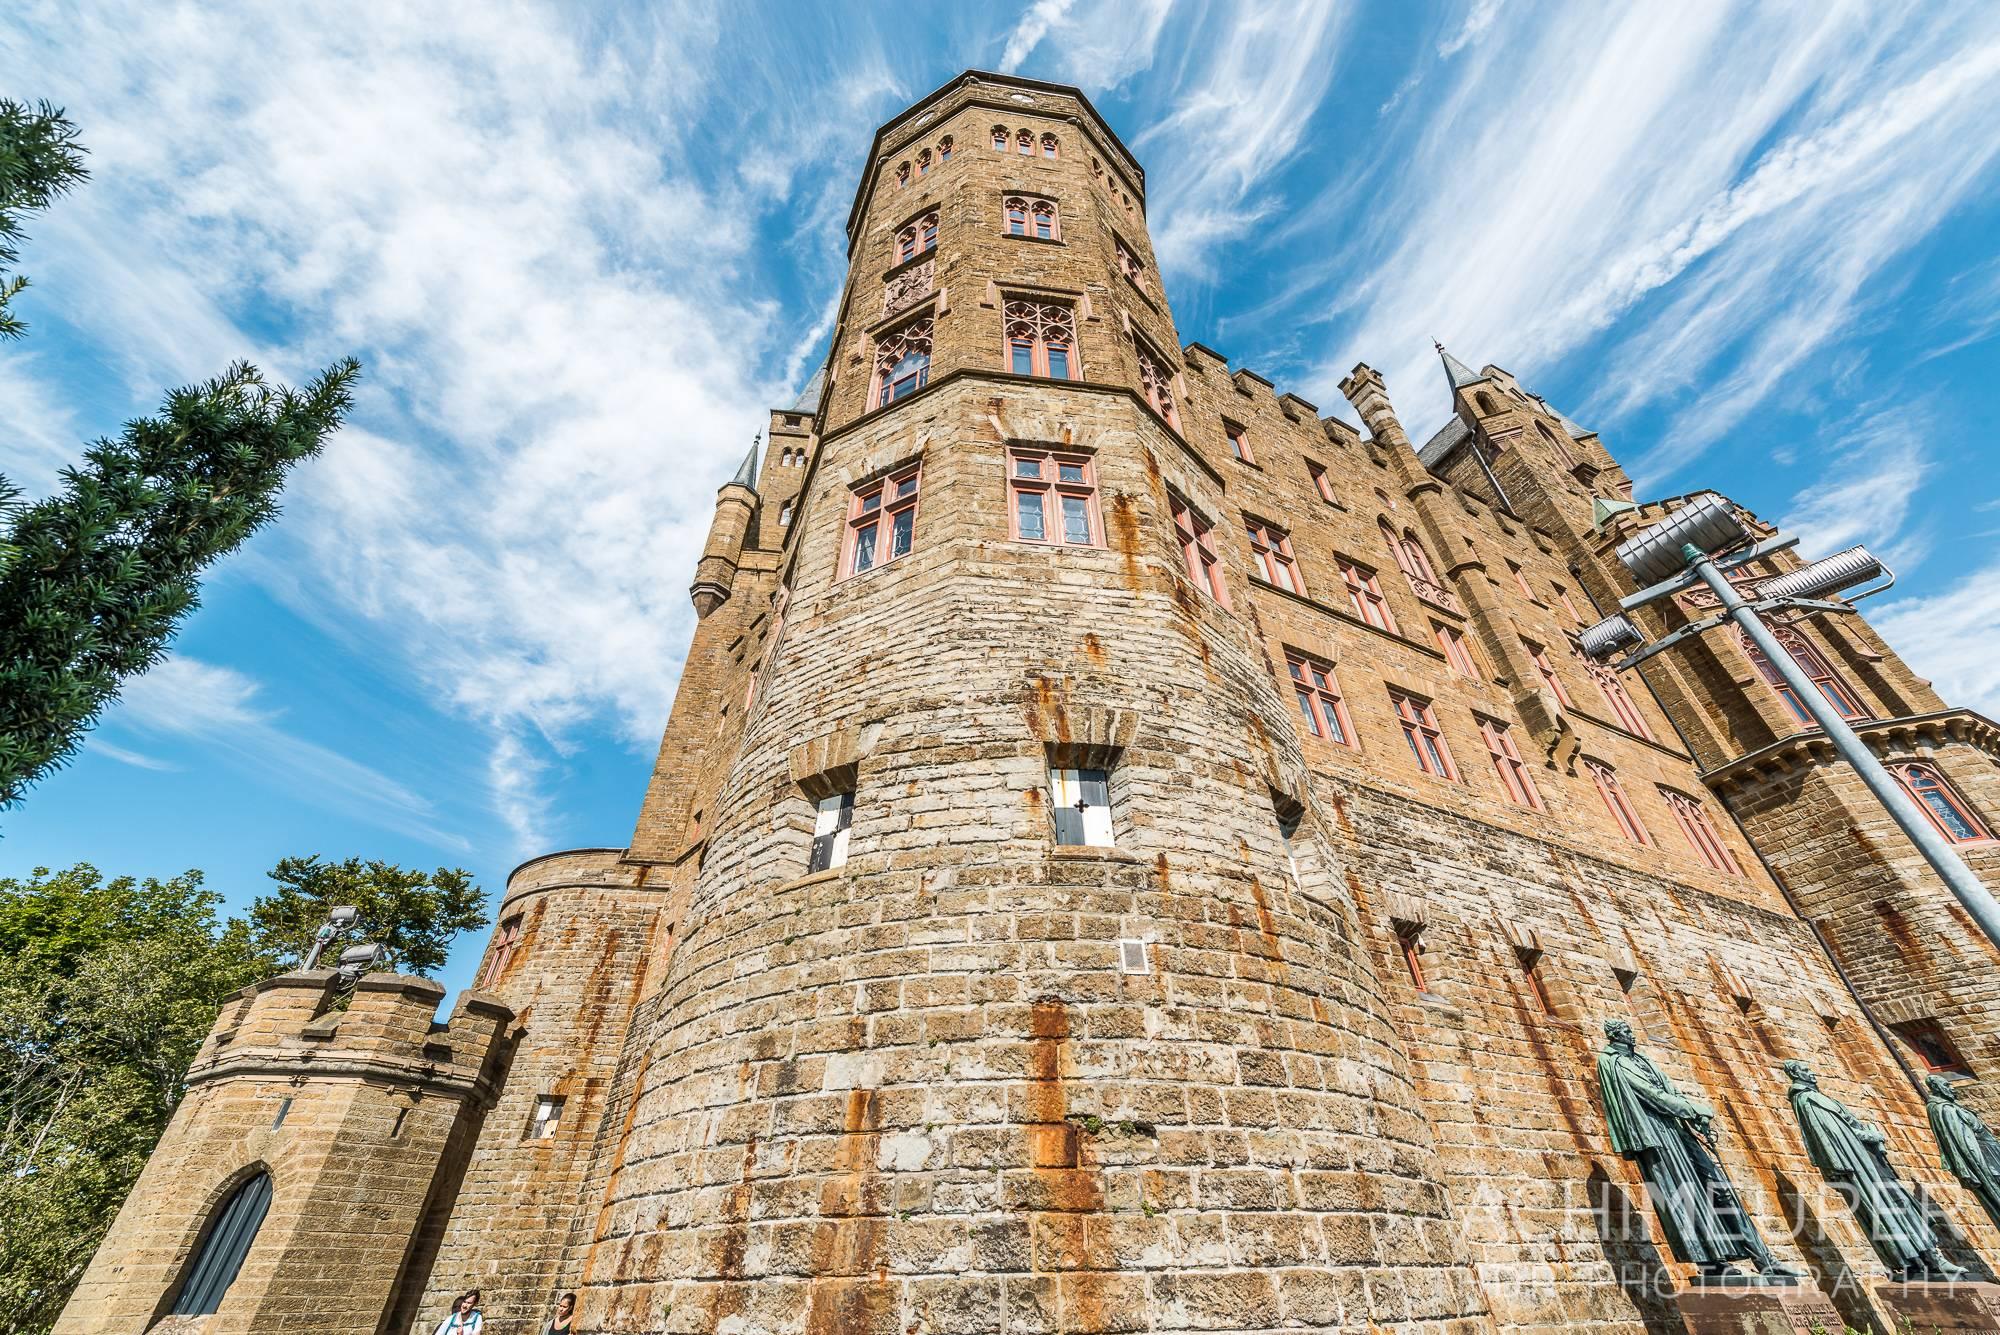 Замок гогенцоллерн в германии: фото, где находится, как добраться   vectorme, векторми